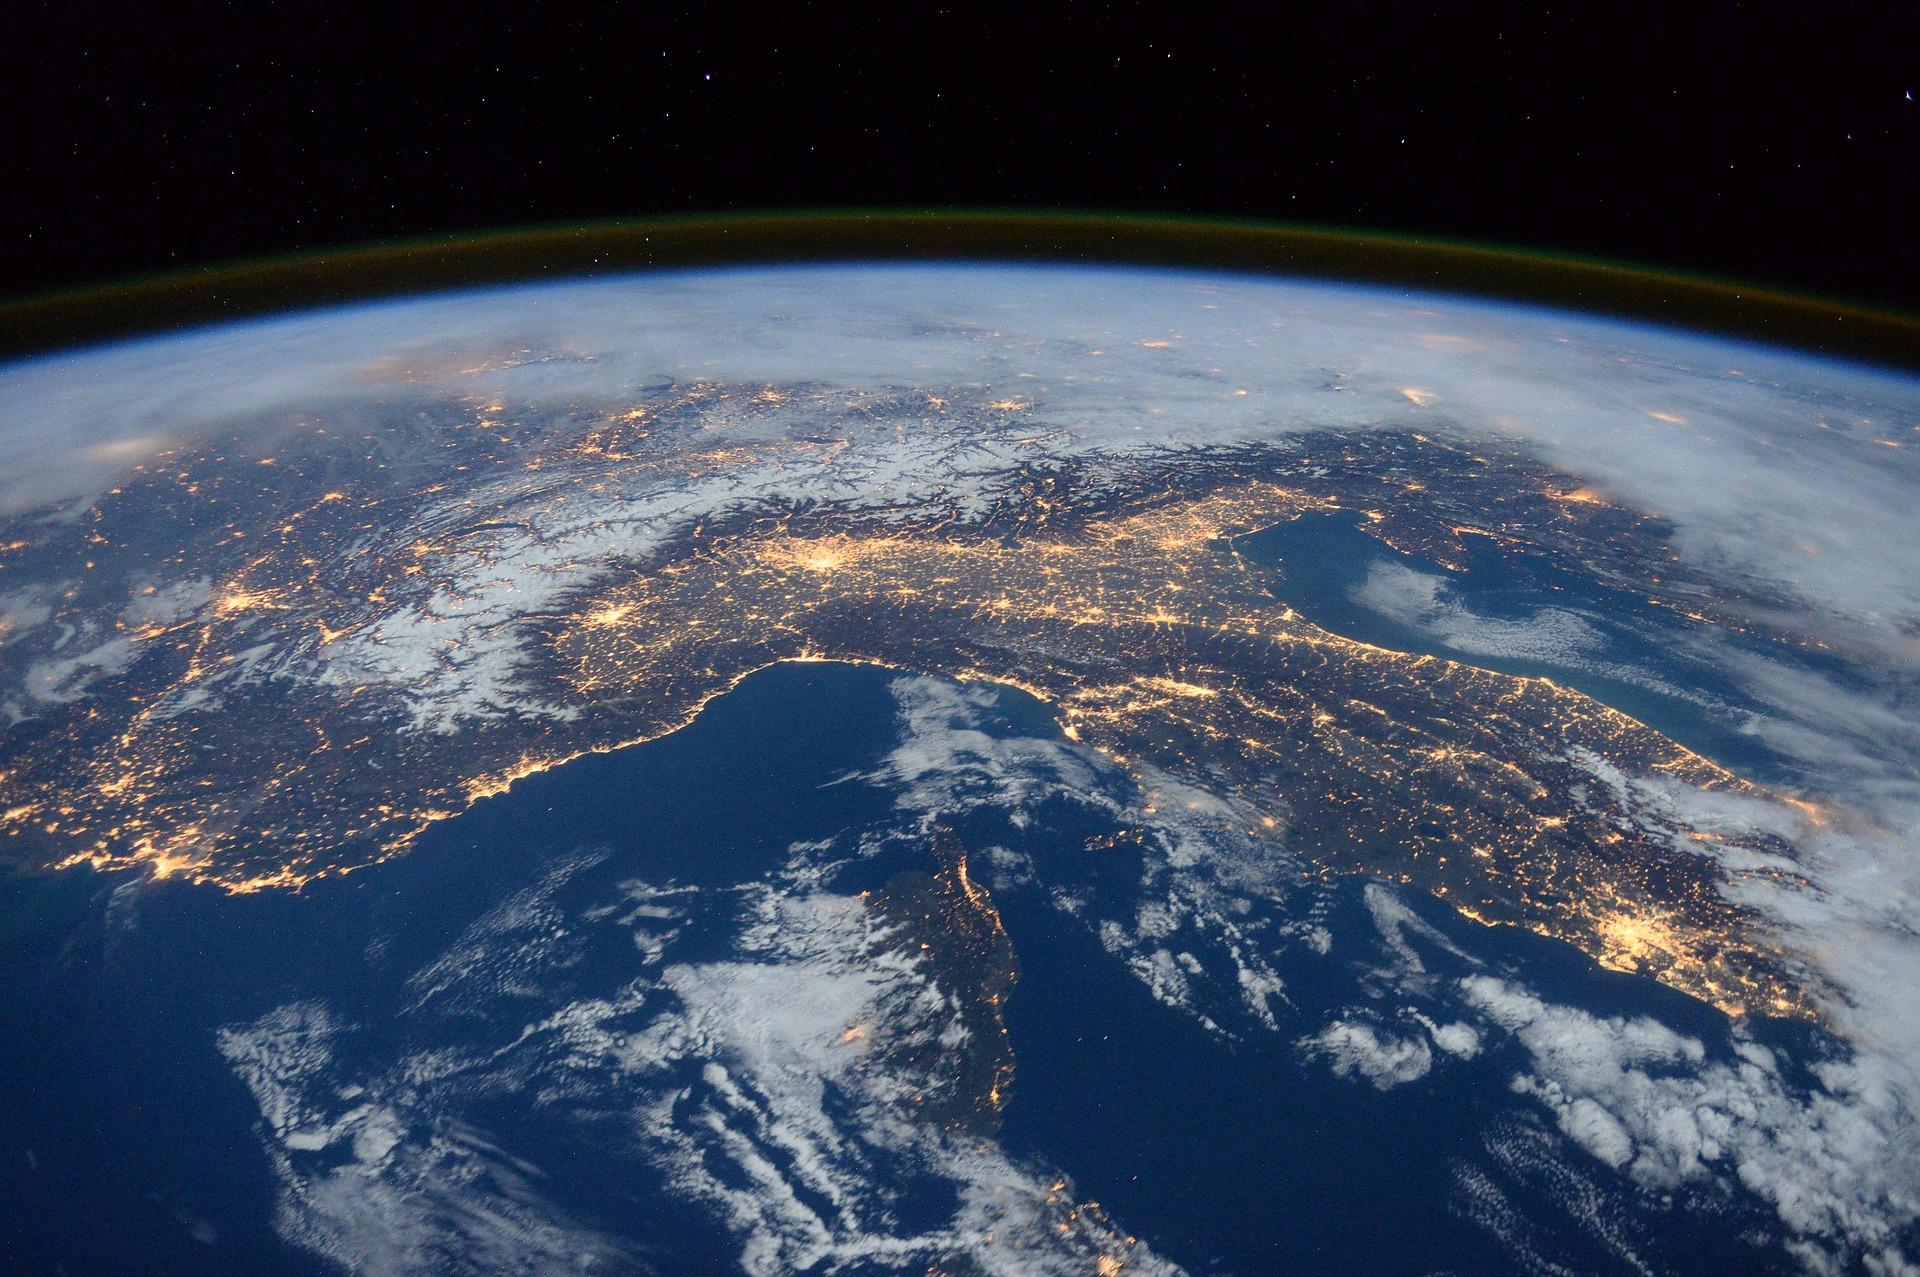 Die Erde aus dem Weltall gesehen